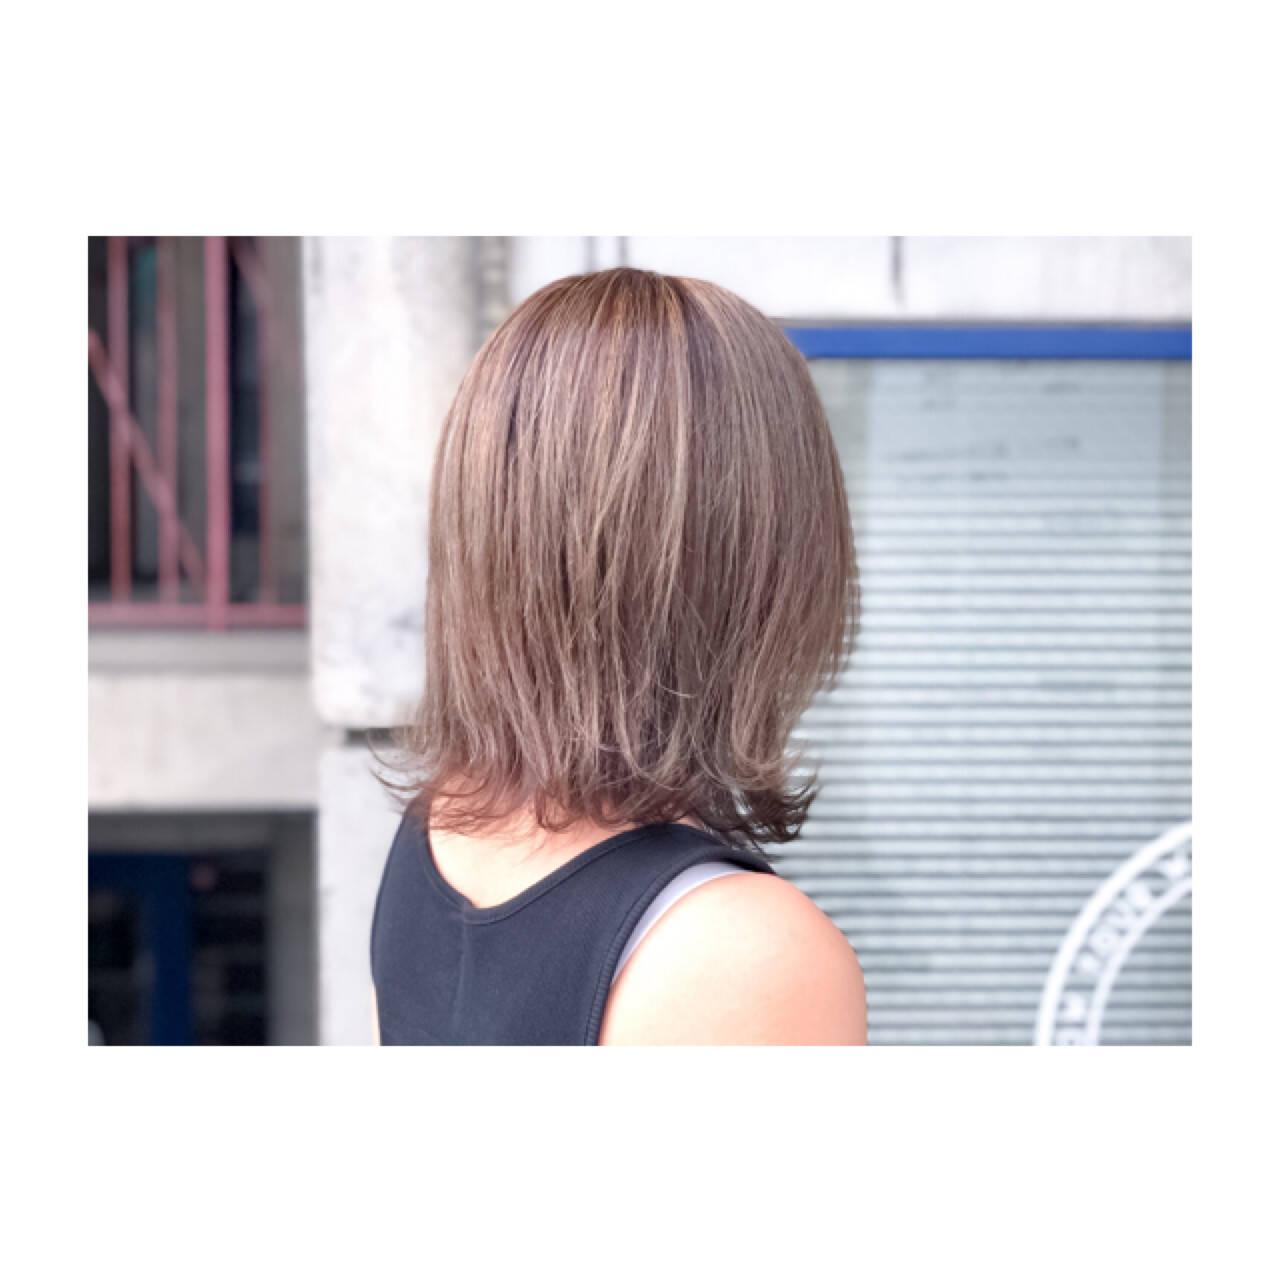 ナチュラル 透明感 グレージュ ボブヘアスタイルや髪型の写真・画像